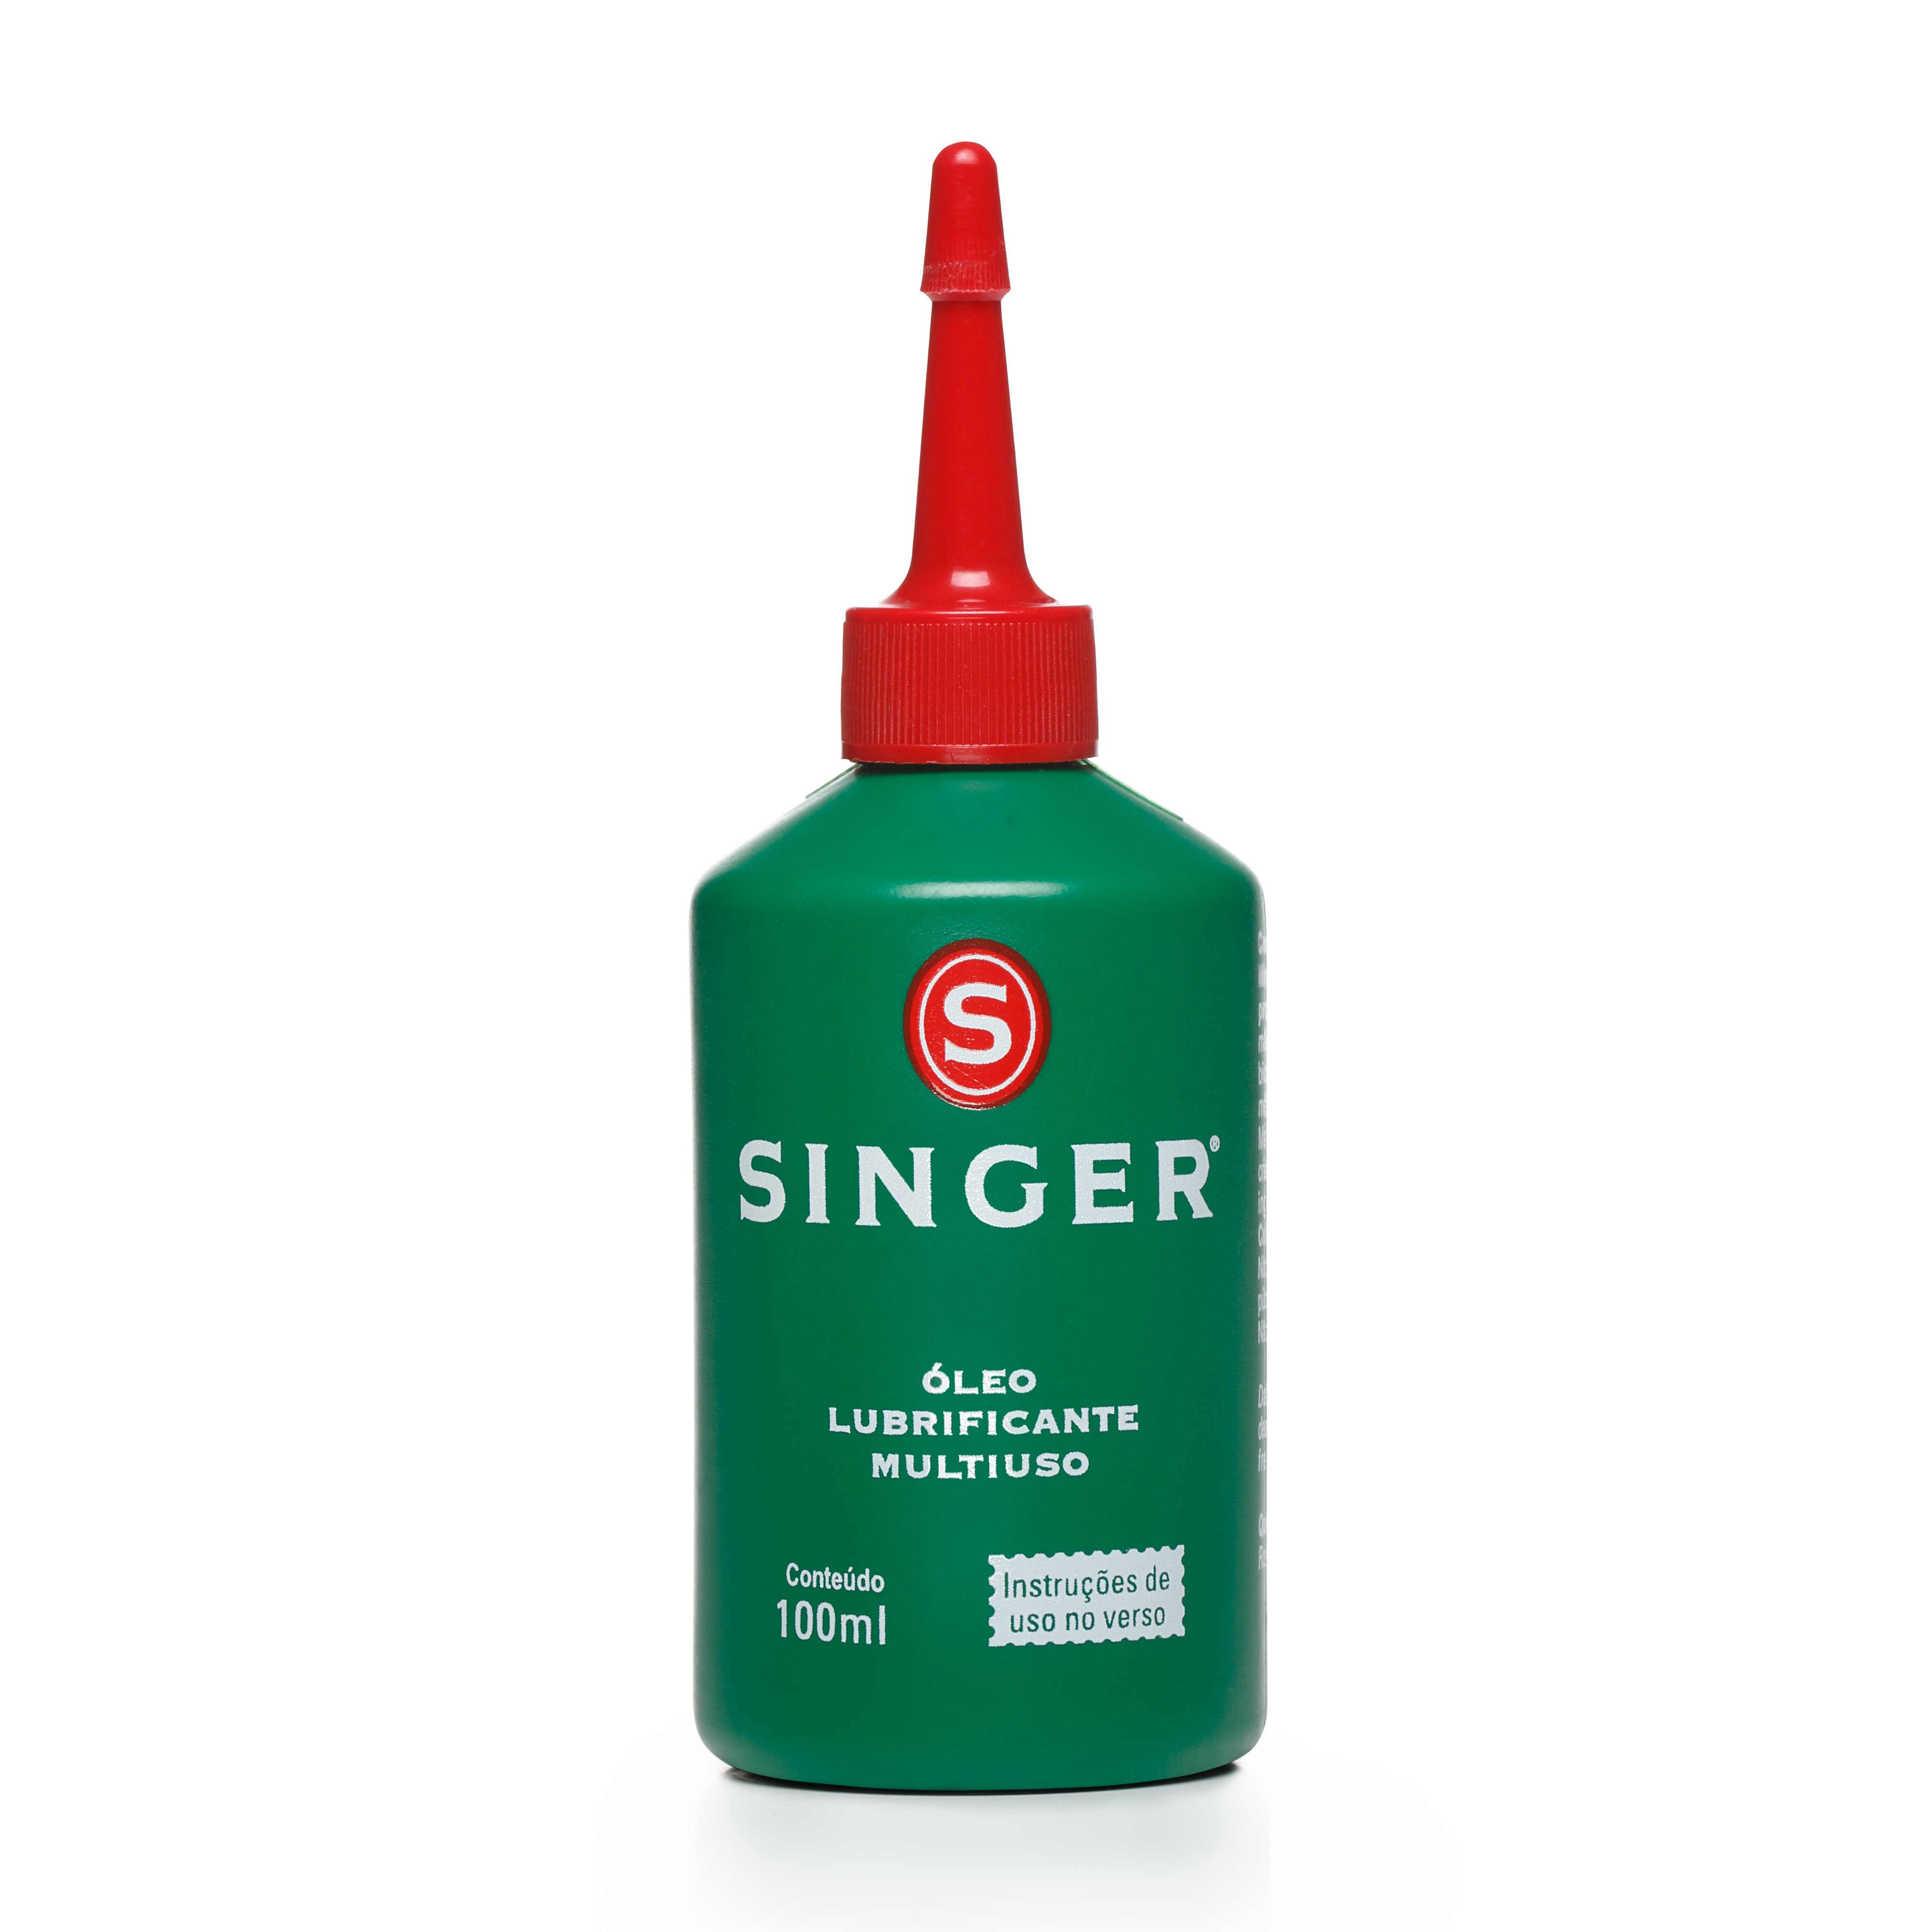 Óleo lubrificante Singer para máquina de costura - 100ml